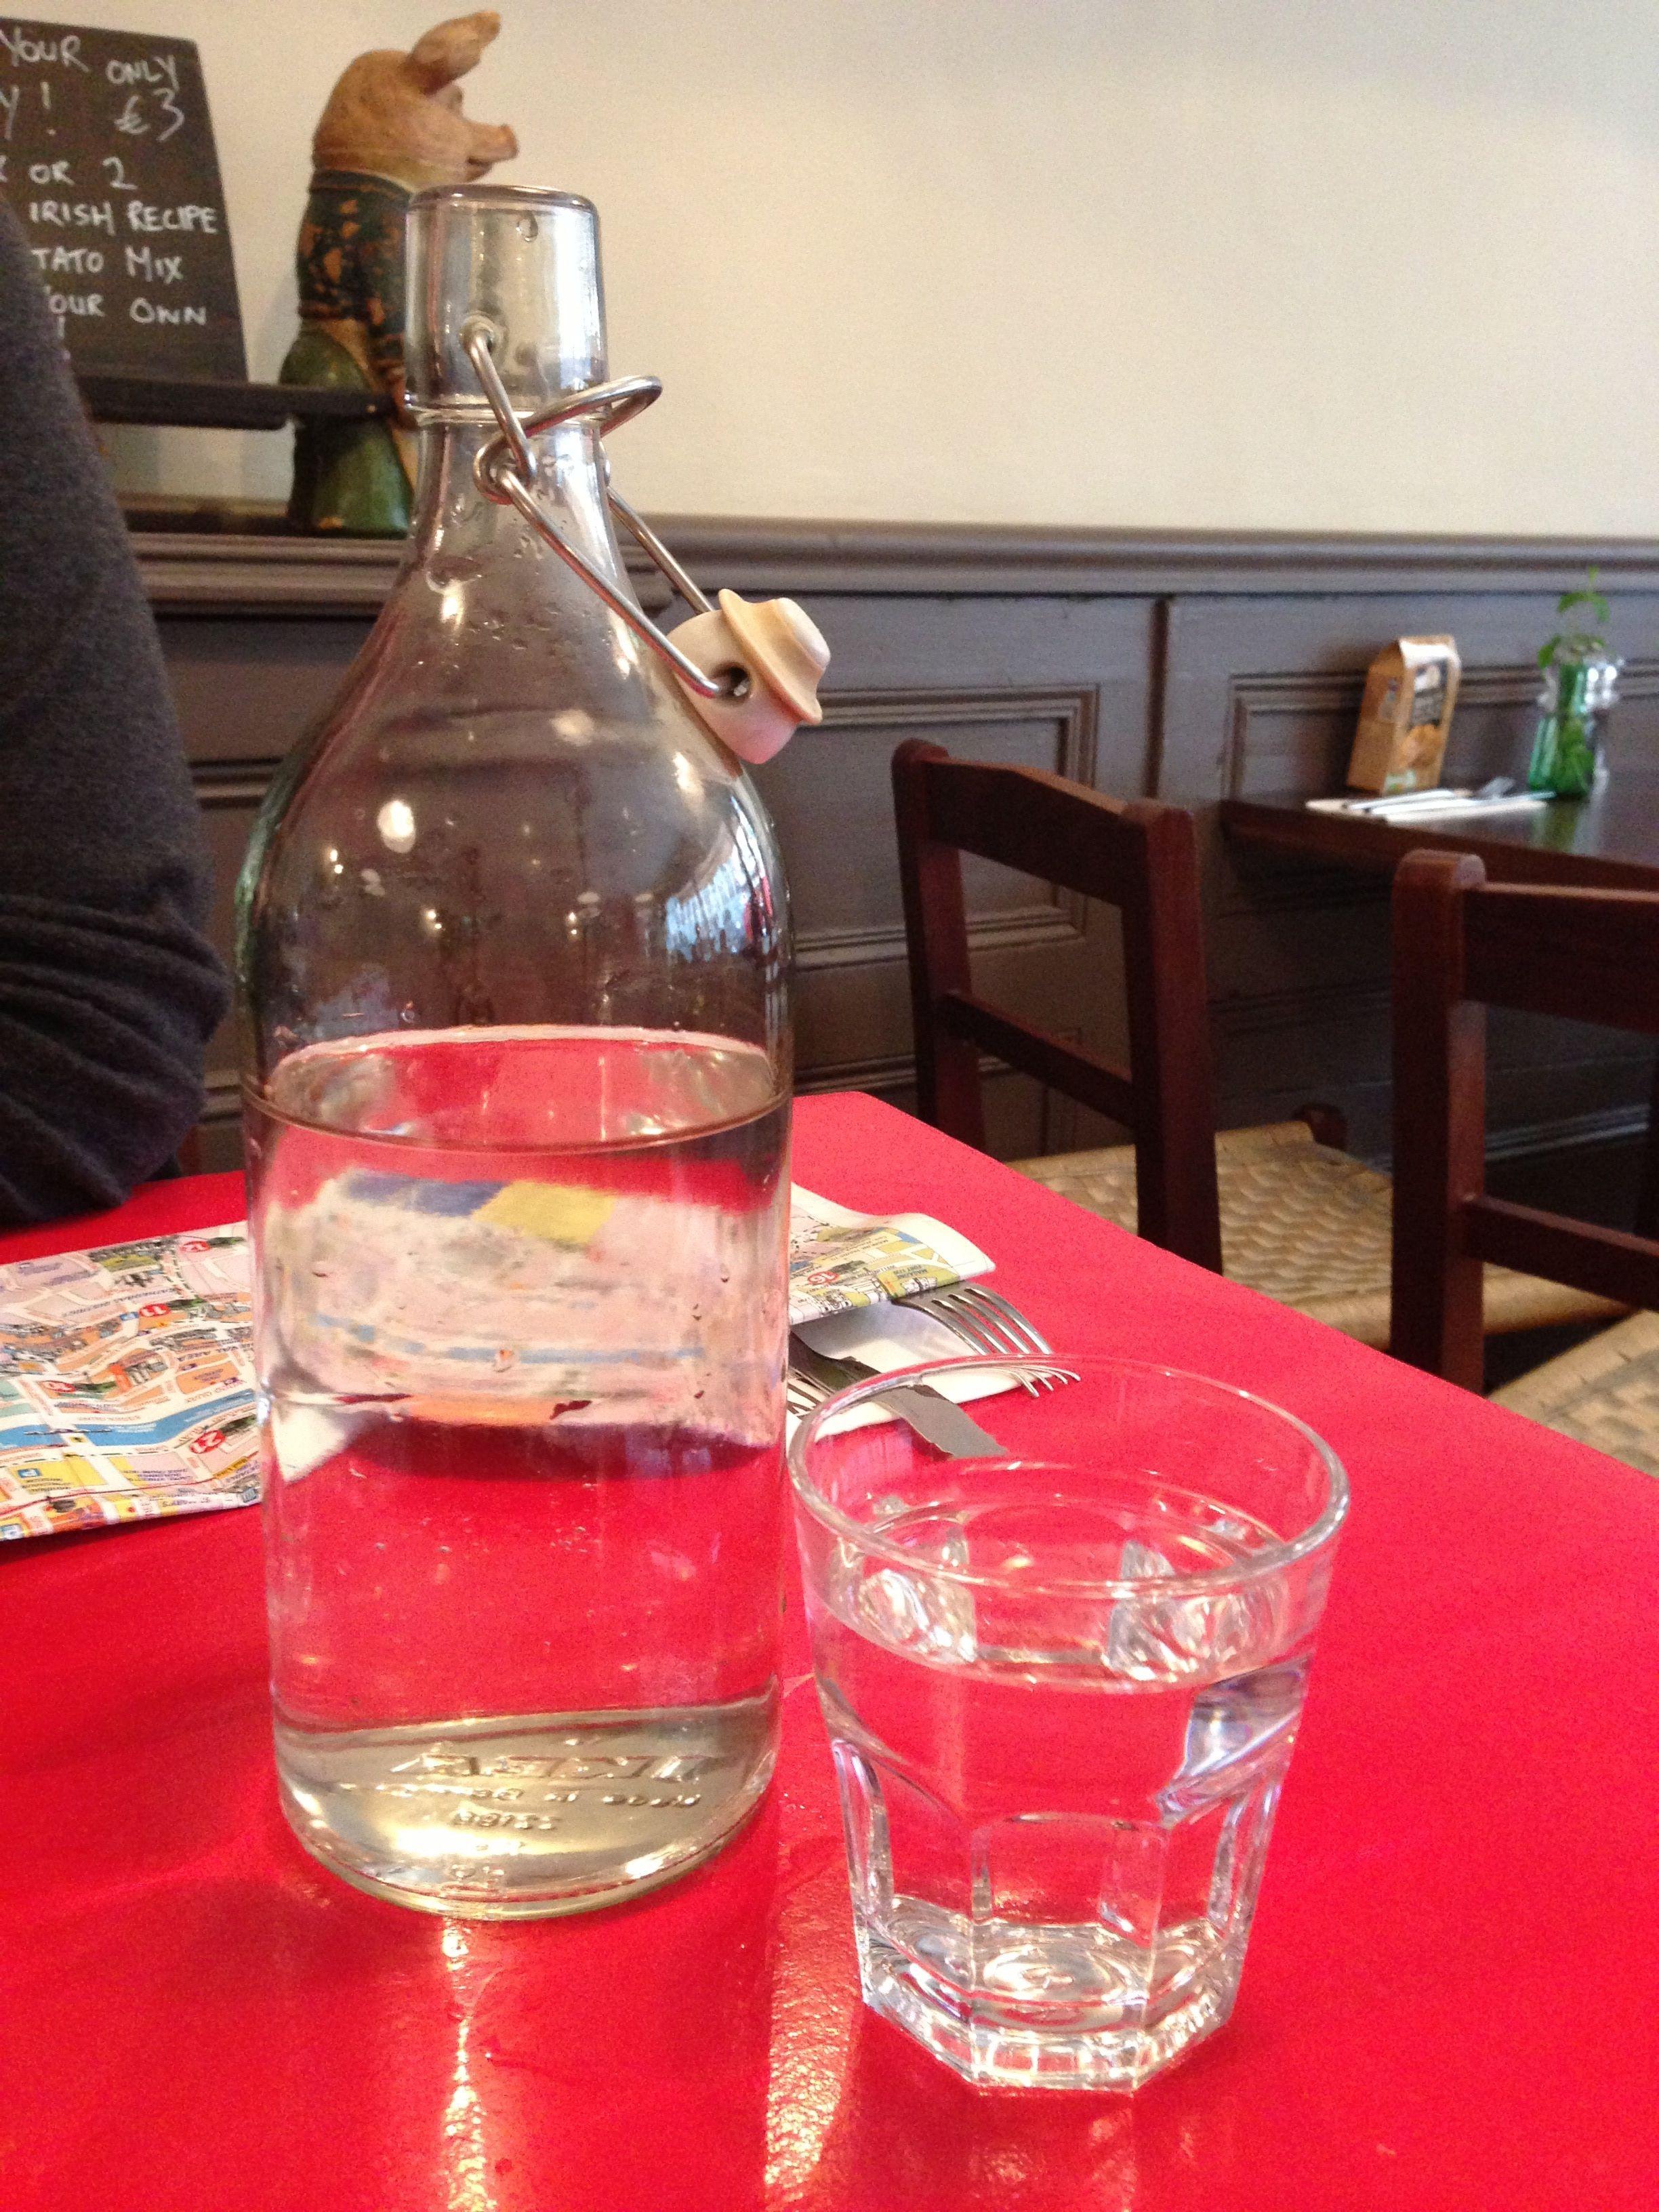 Tap Water Dublin Style Wine Bottle Rose Wine Bottle Vodka Bottle